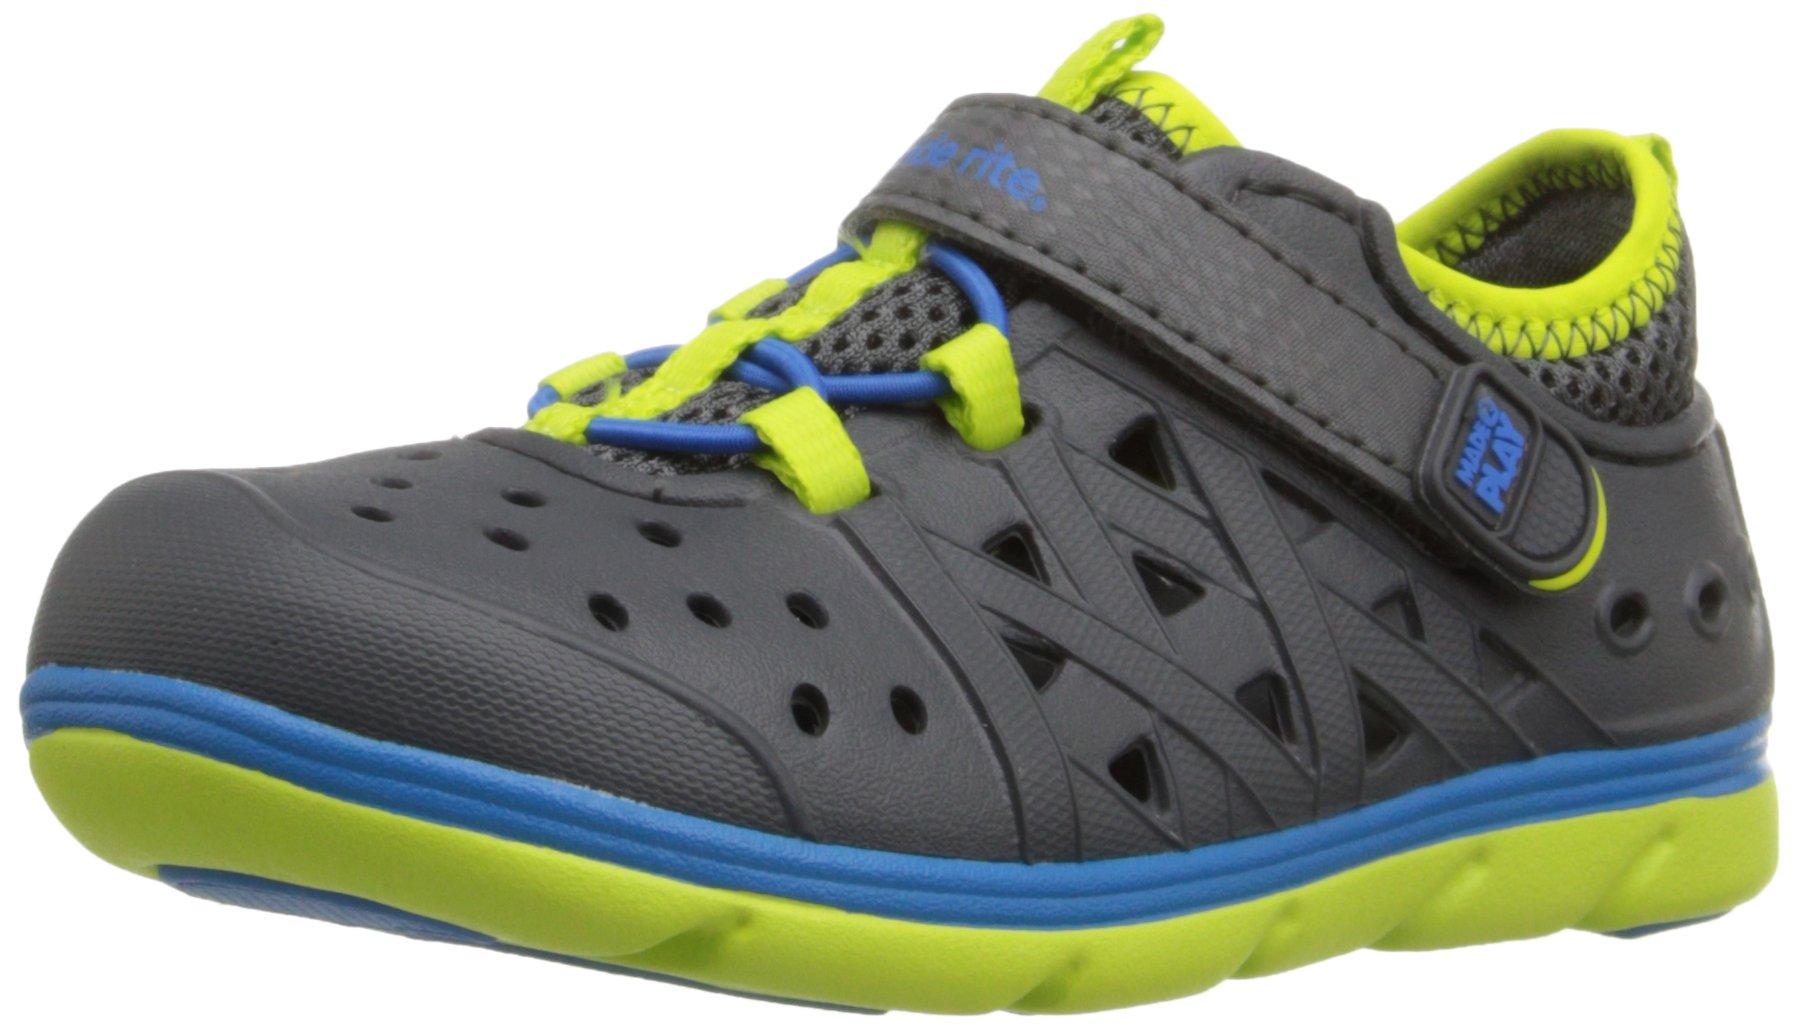 Stride Rite Made 2 Play Phibian Sneaker Sandal Water Shoe (Toddler/Little Kid/Big Kid), Grey,10 M US Toddler